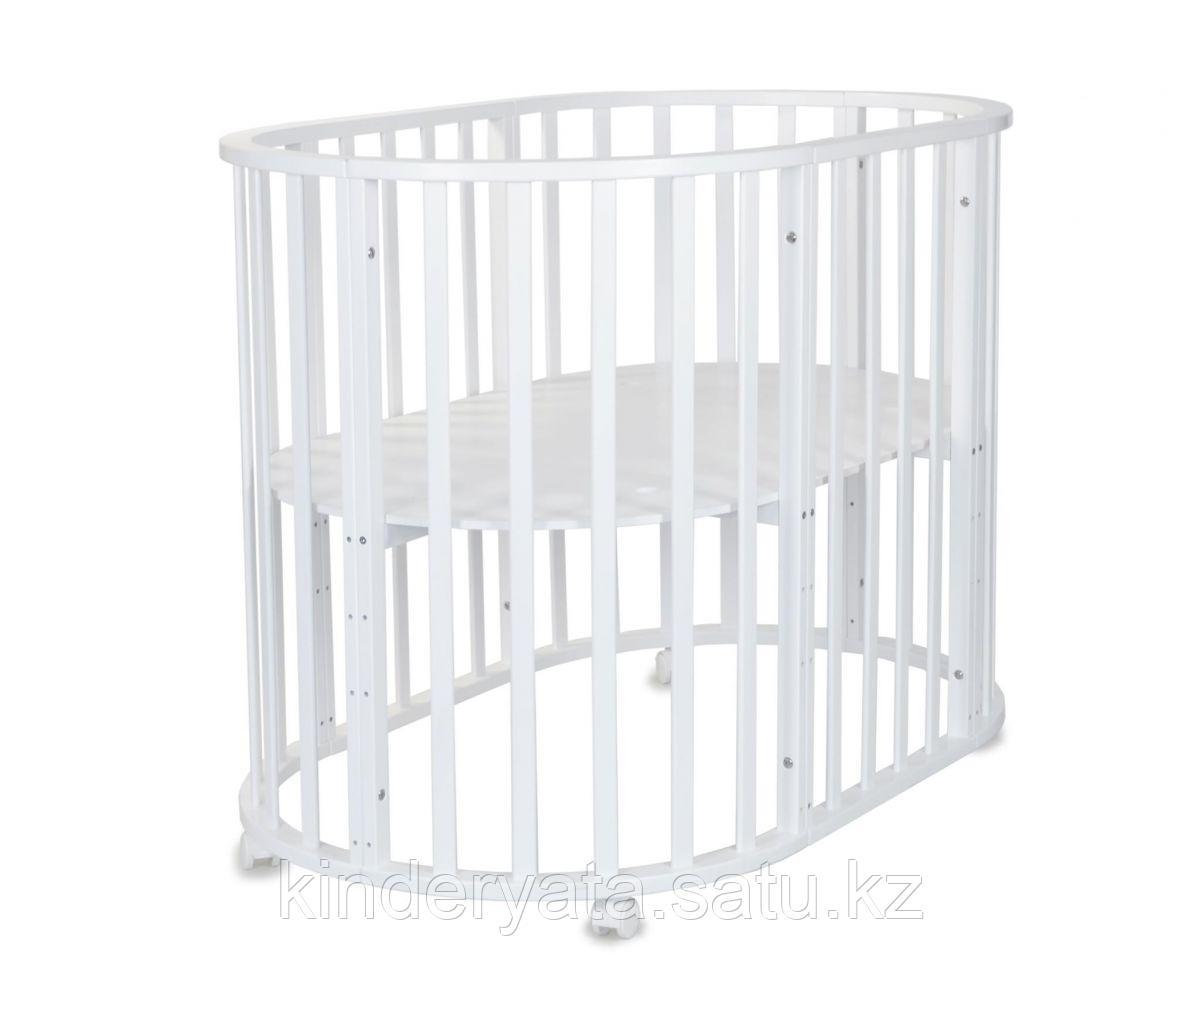 Круглая-овальная кровать трансформер 7 в 1 СКВ-10